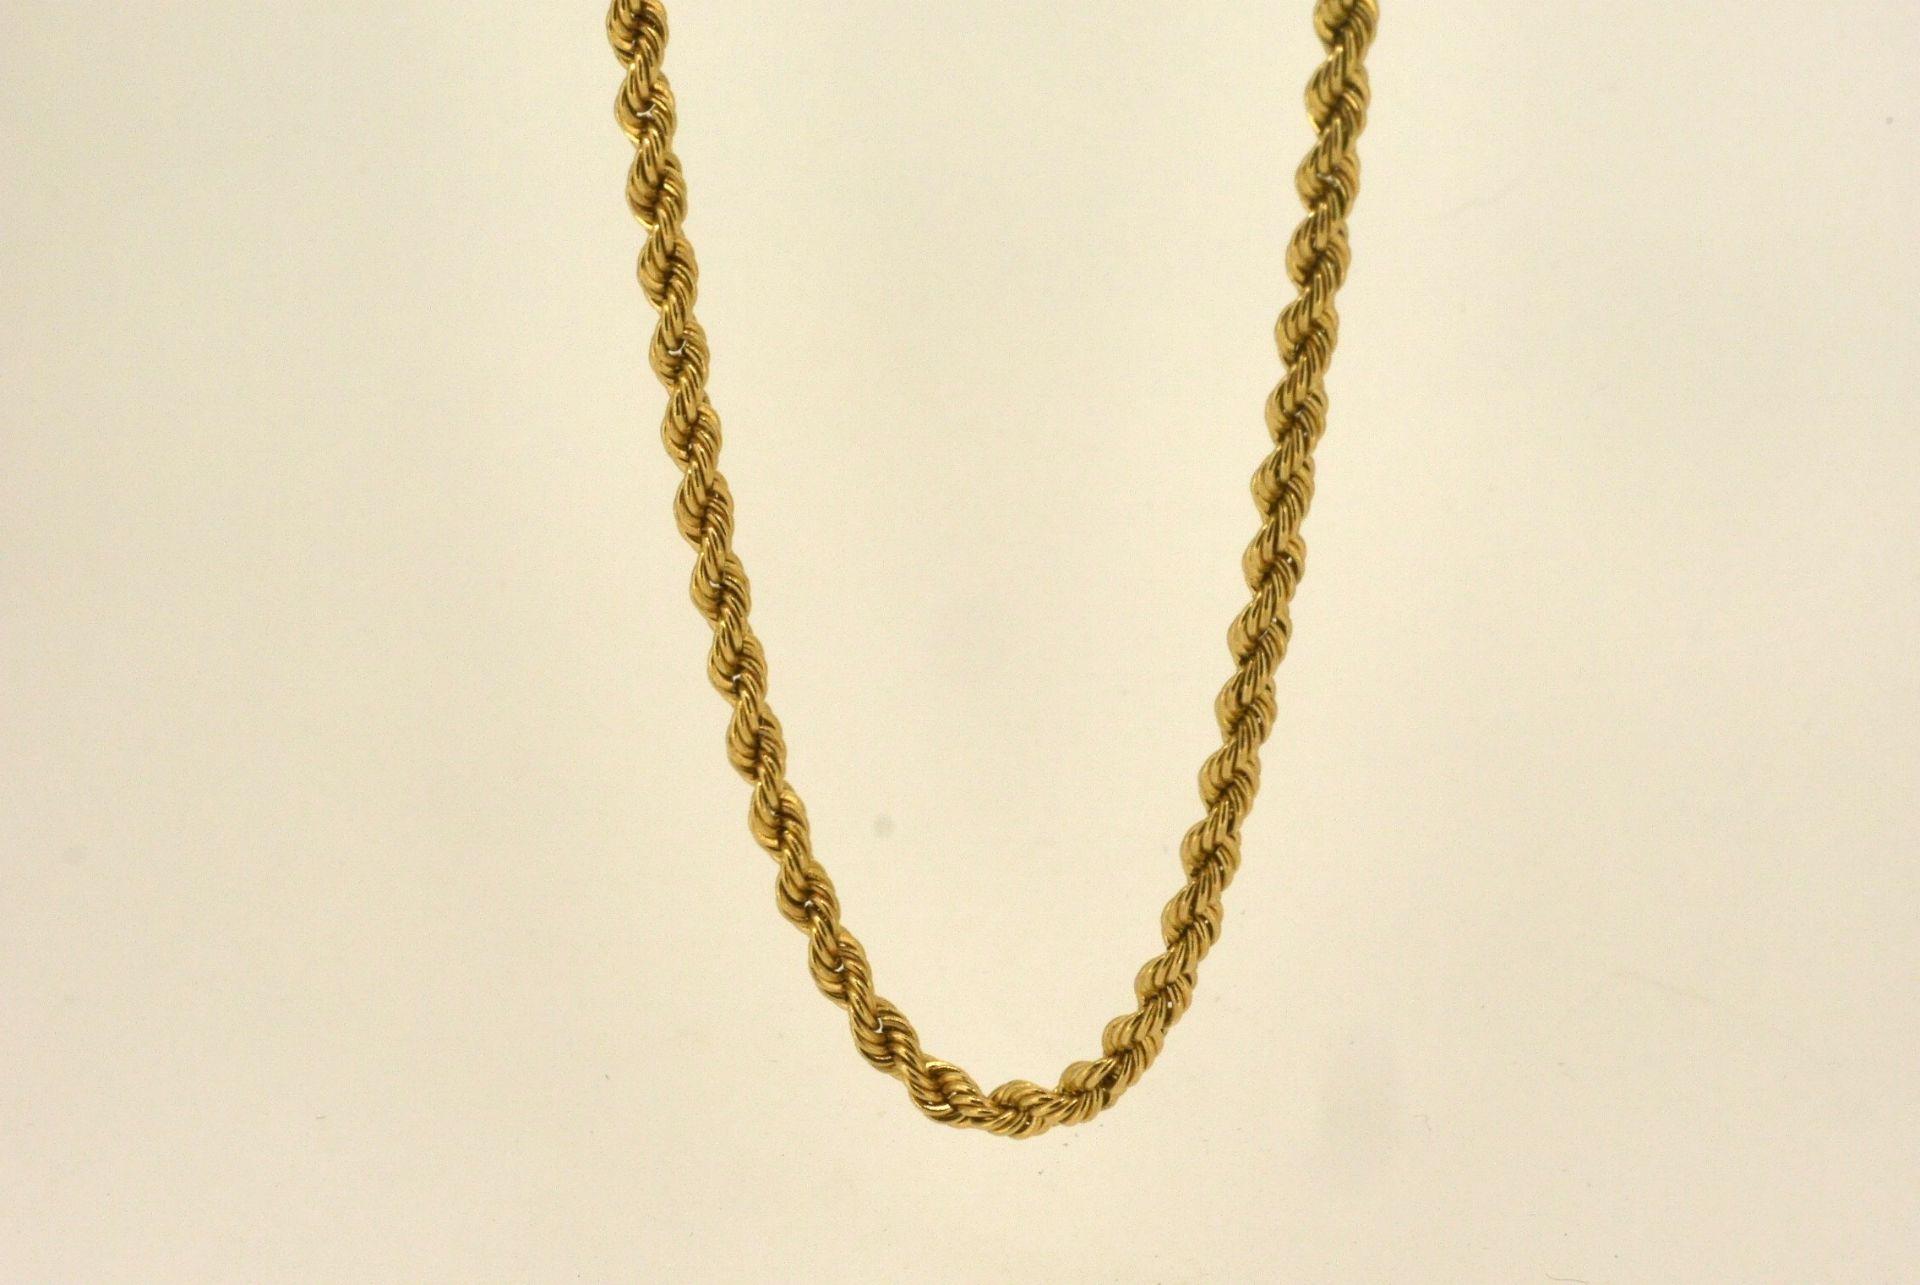 Halskette GG 585, 50 cm, 3,87 Gramm